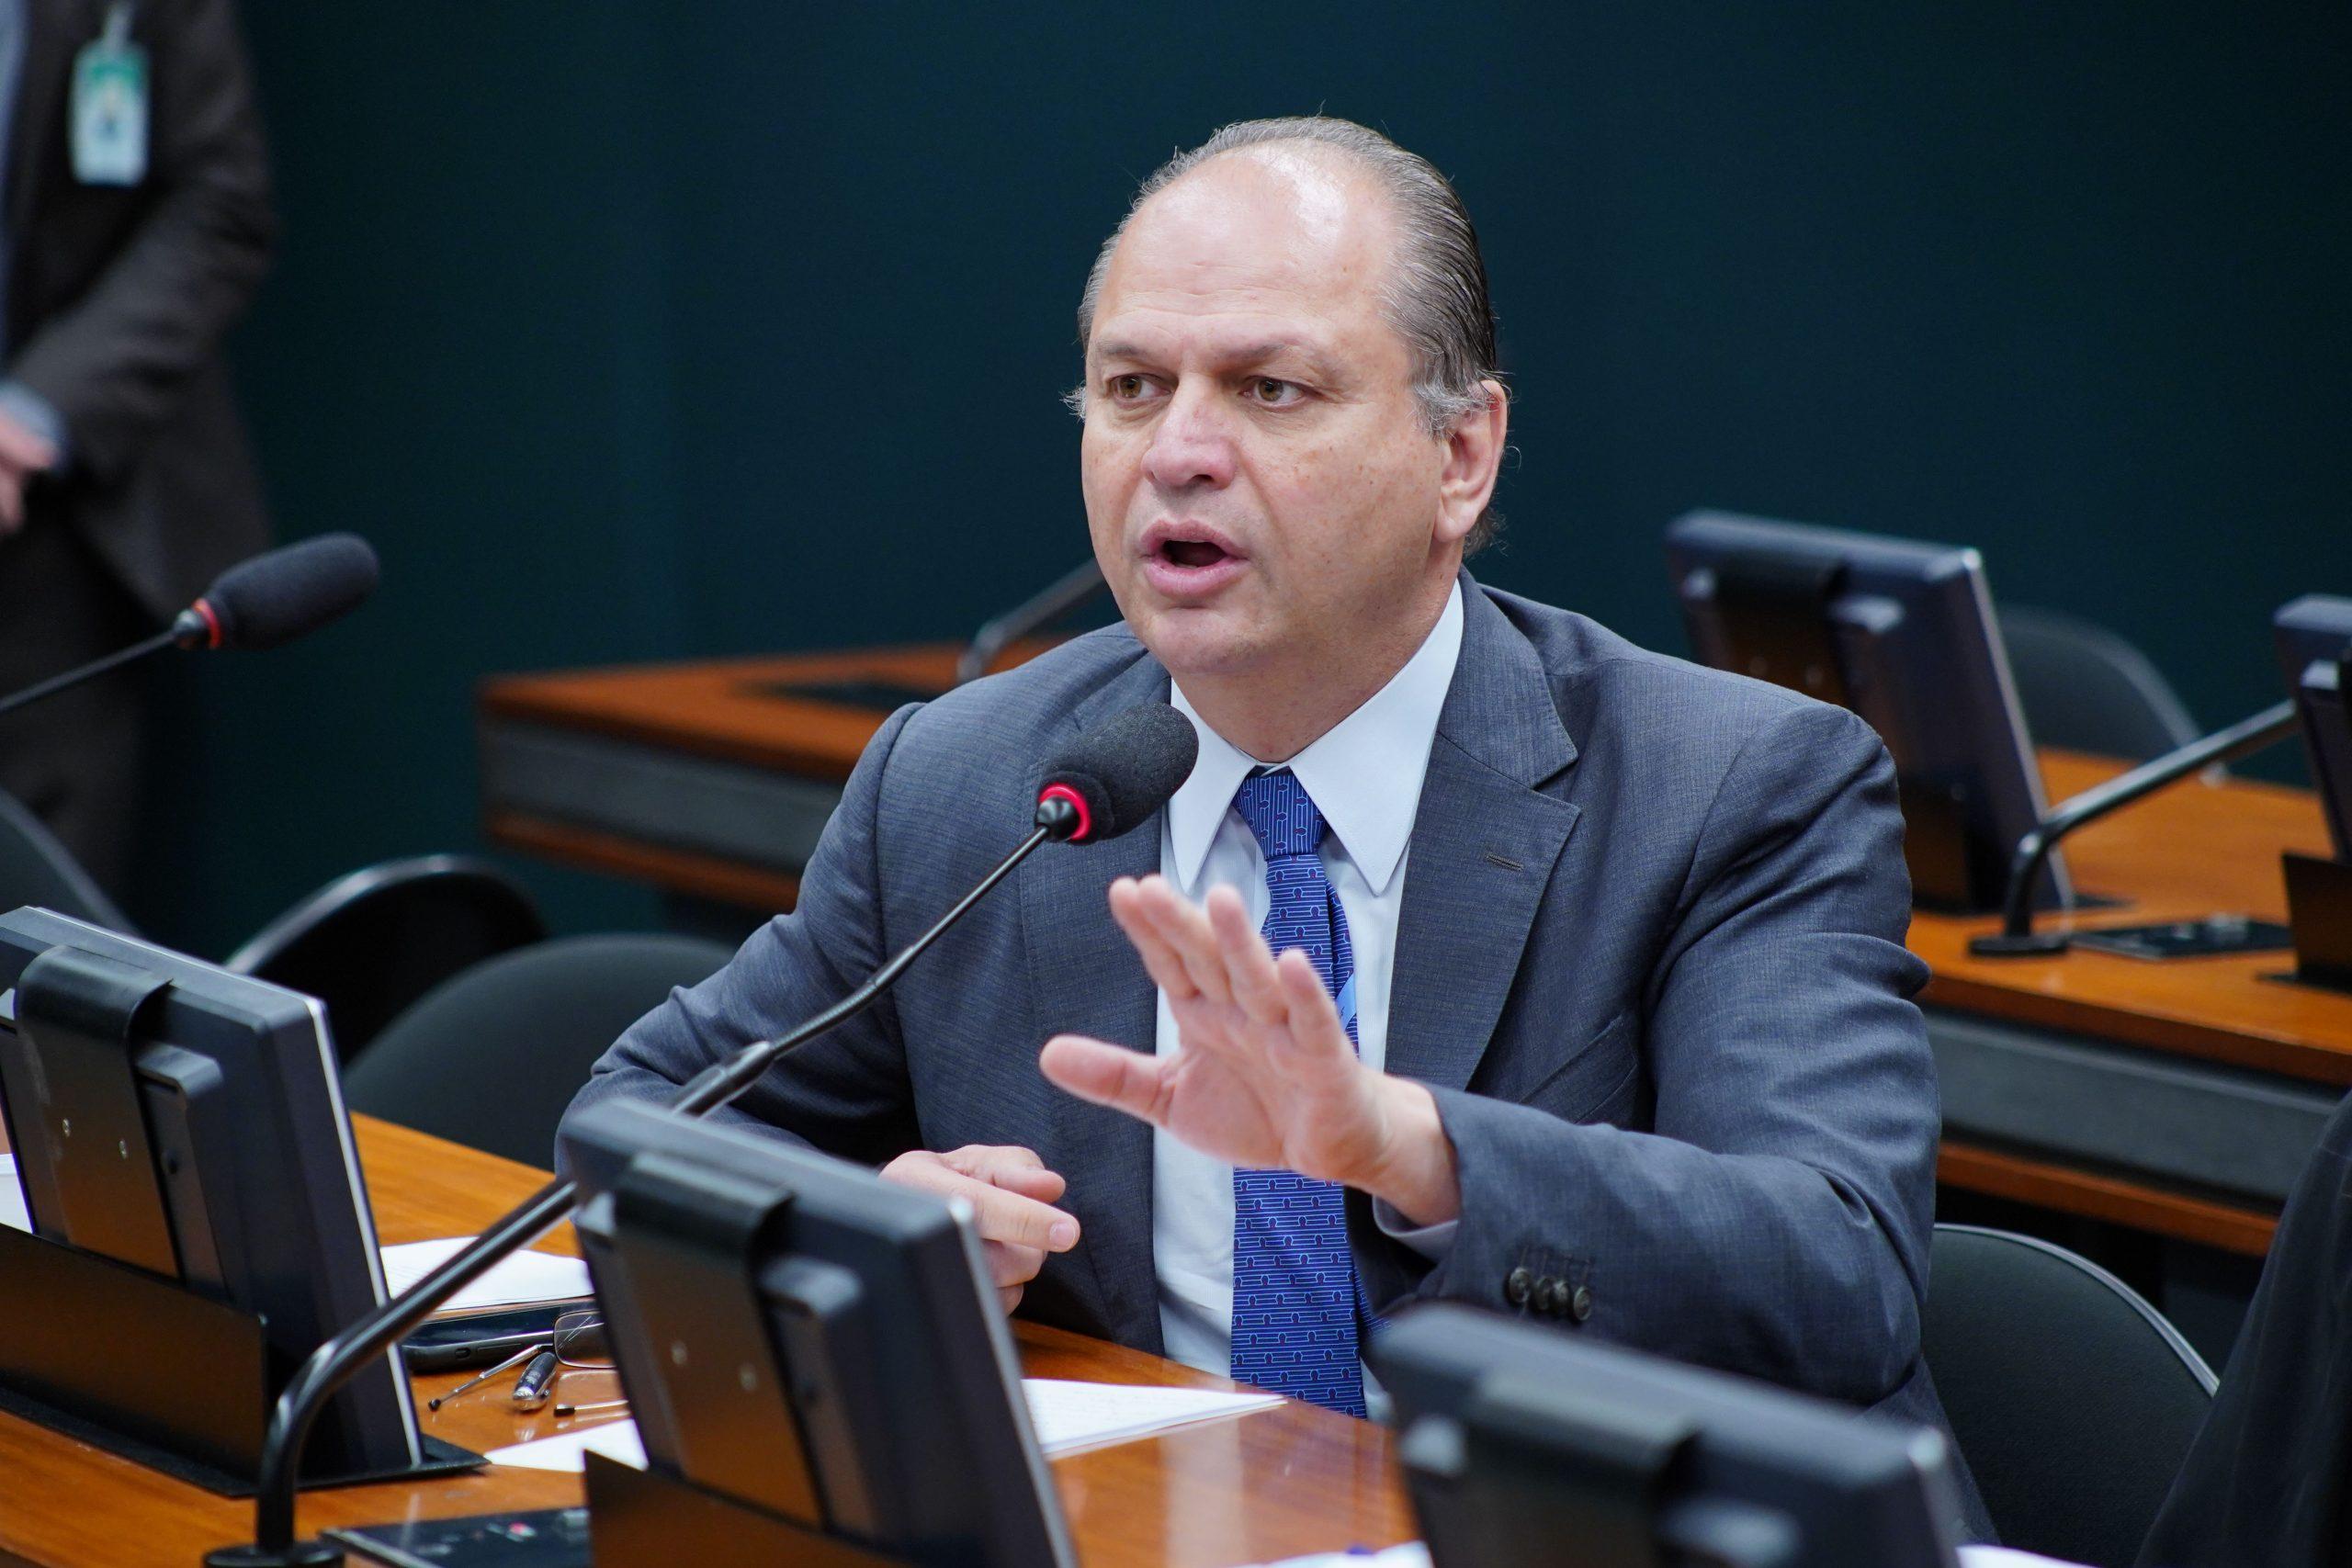 O deputado Ricardo Barros tem relação conflituosa com a Anvisae reclama do excesso de burocracia desde que era ministro da Saúde, no governo Temer. Foto: Will Shutter/Câmara dos Deputados